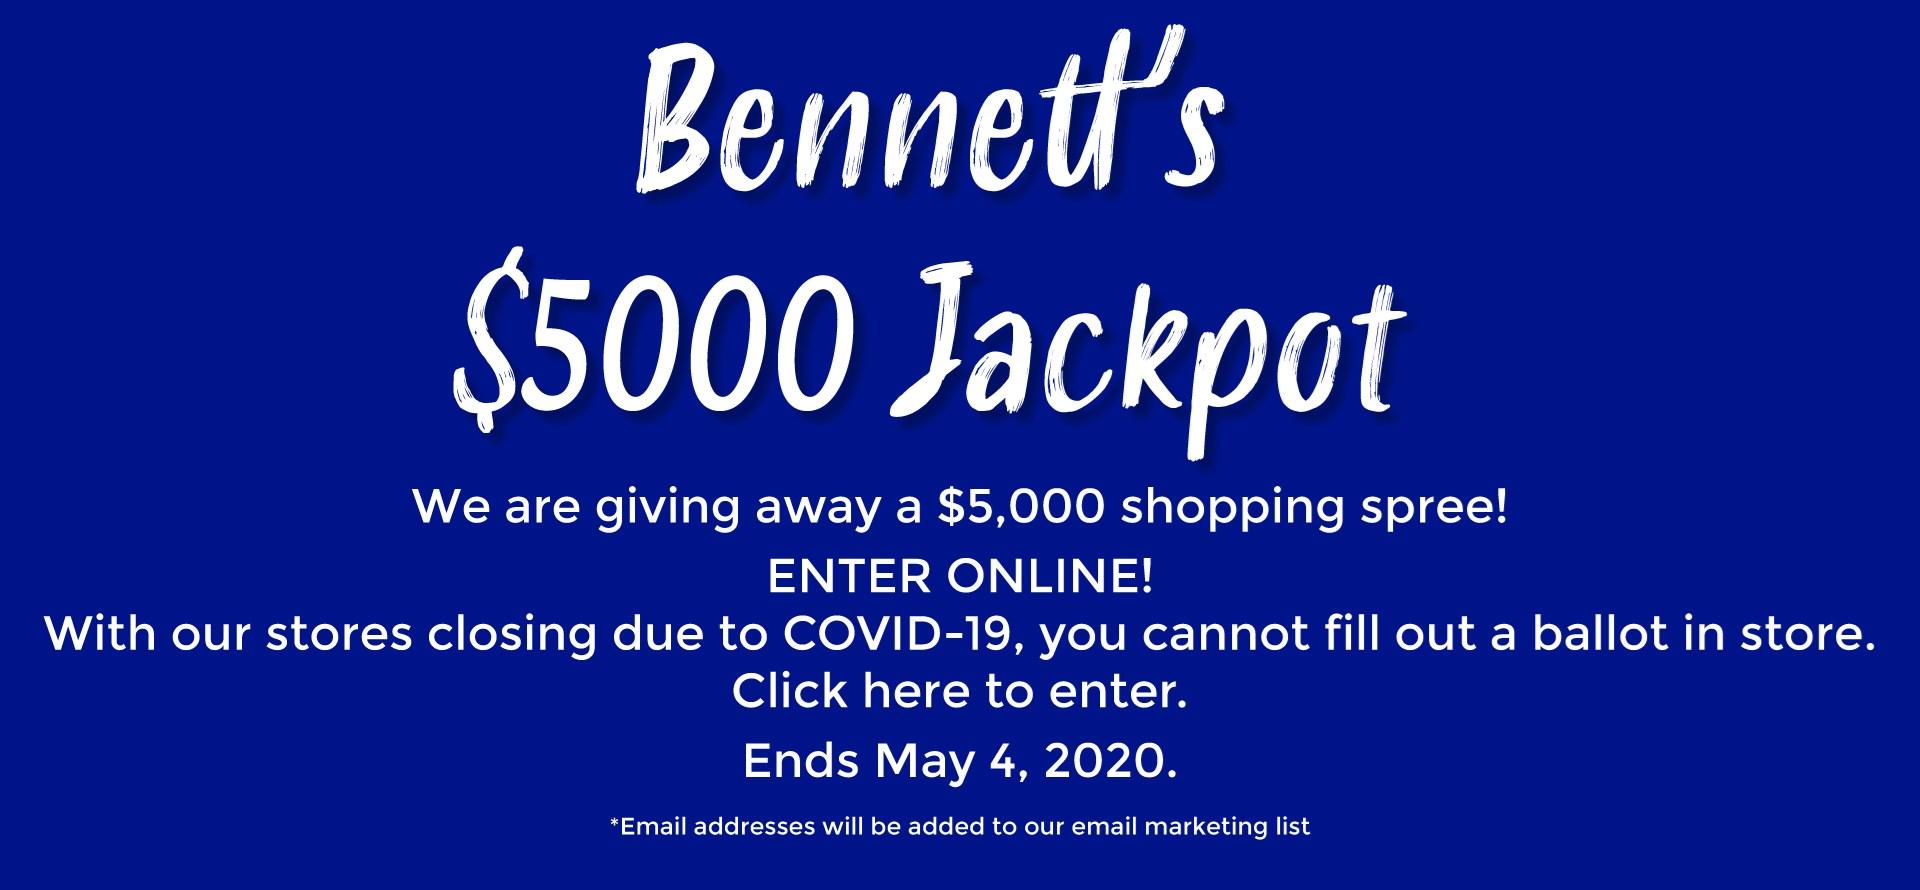 Bennett's $5000 Jackpot!